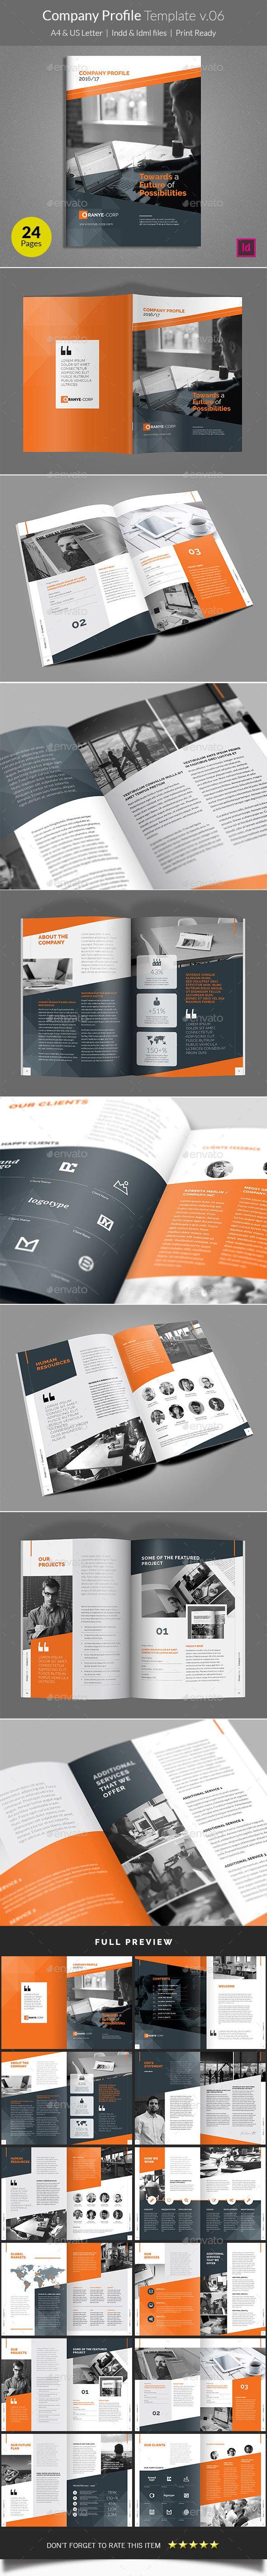 Company Profile Template v06 | Company profile, Brochure template ...